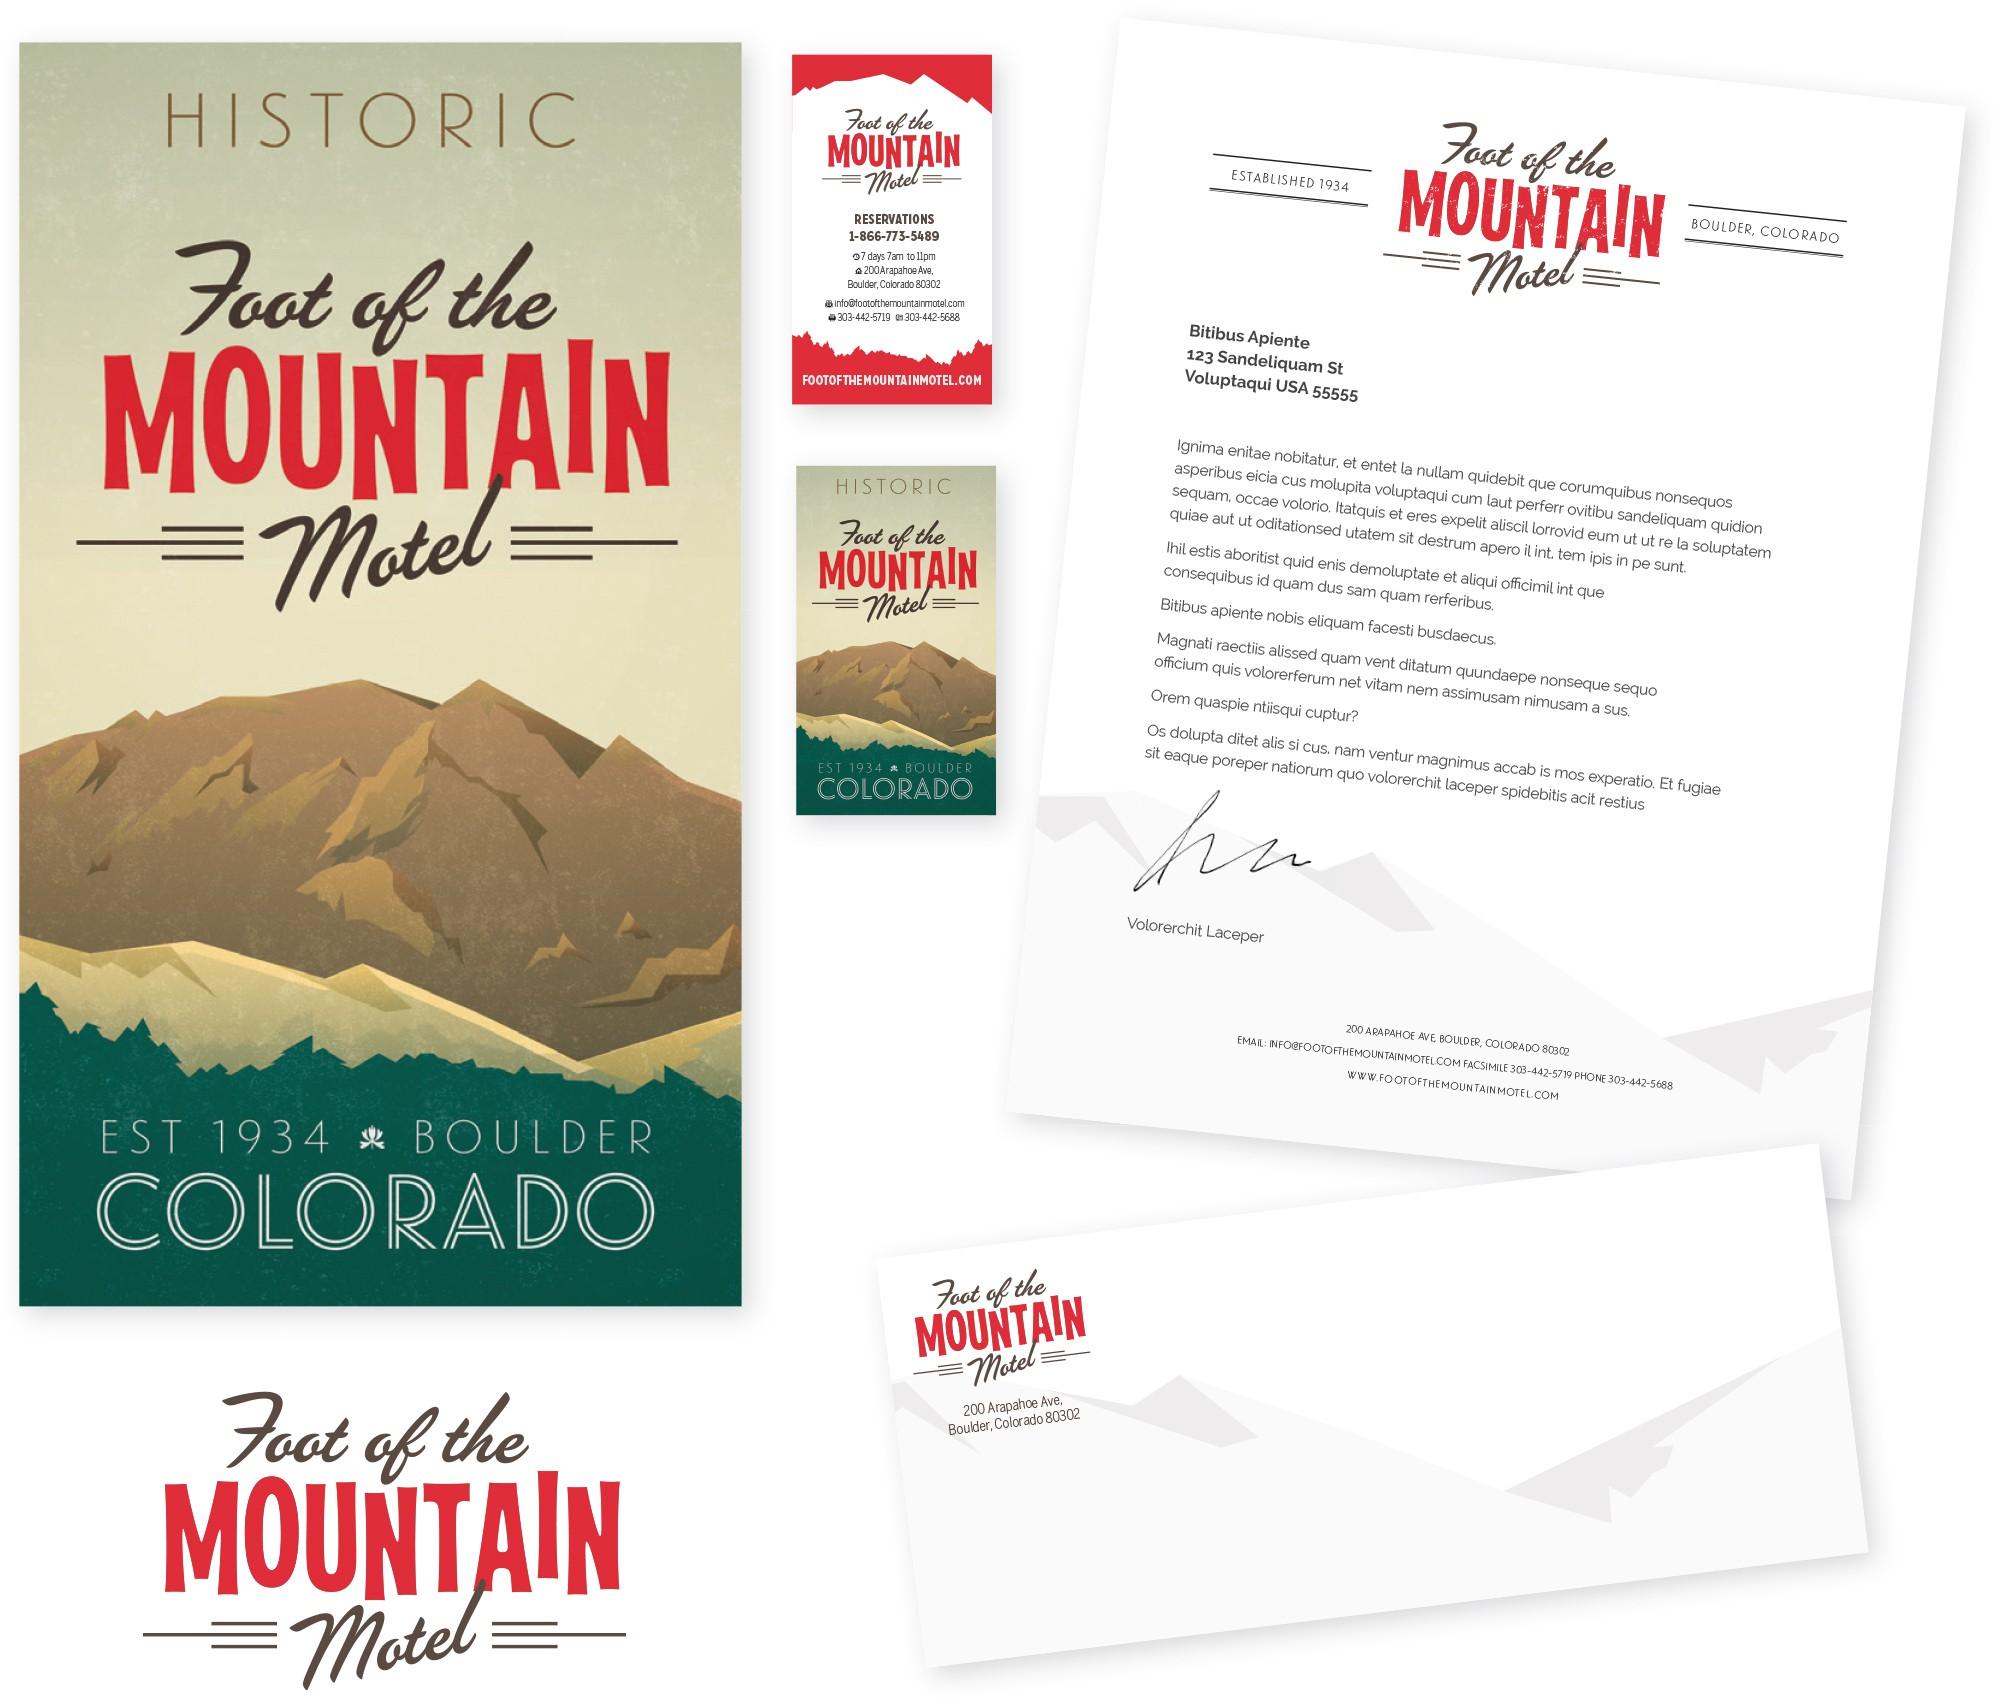 Brand Refresh for Vintage Log Cabin Motel in Boulder, CO